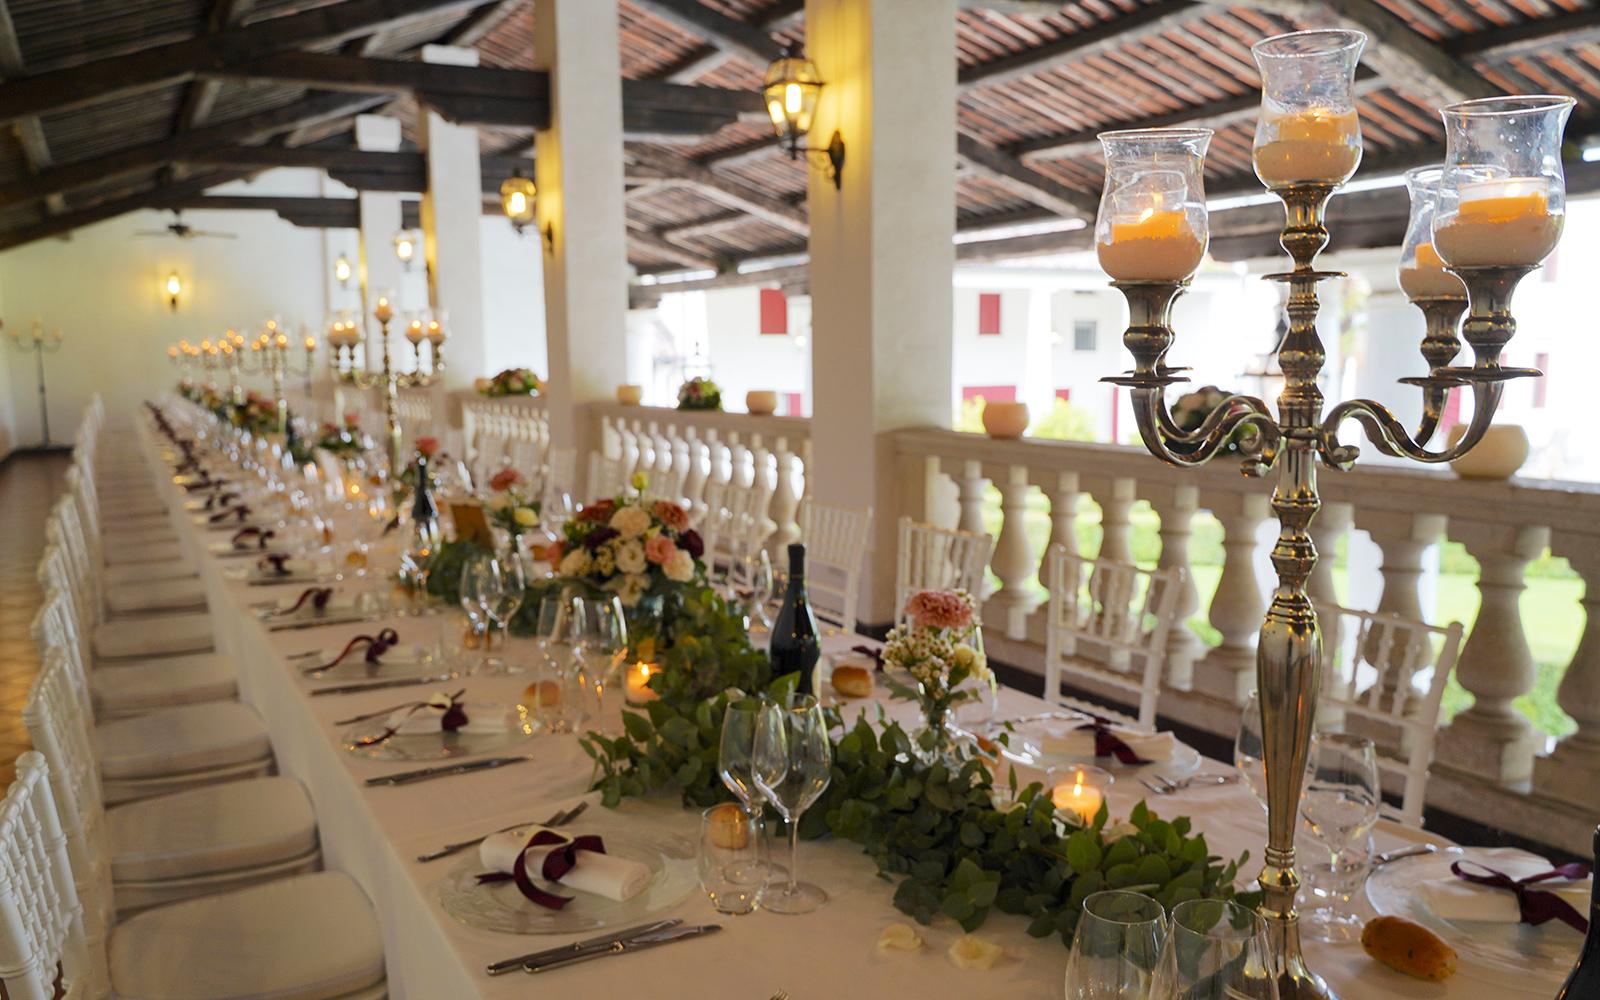 sale convegni Vicenza, Vicenza ricevimento matrimonio Vicenza matrimonio ricevimento, Spazio esterno coperto per matrimonio